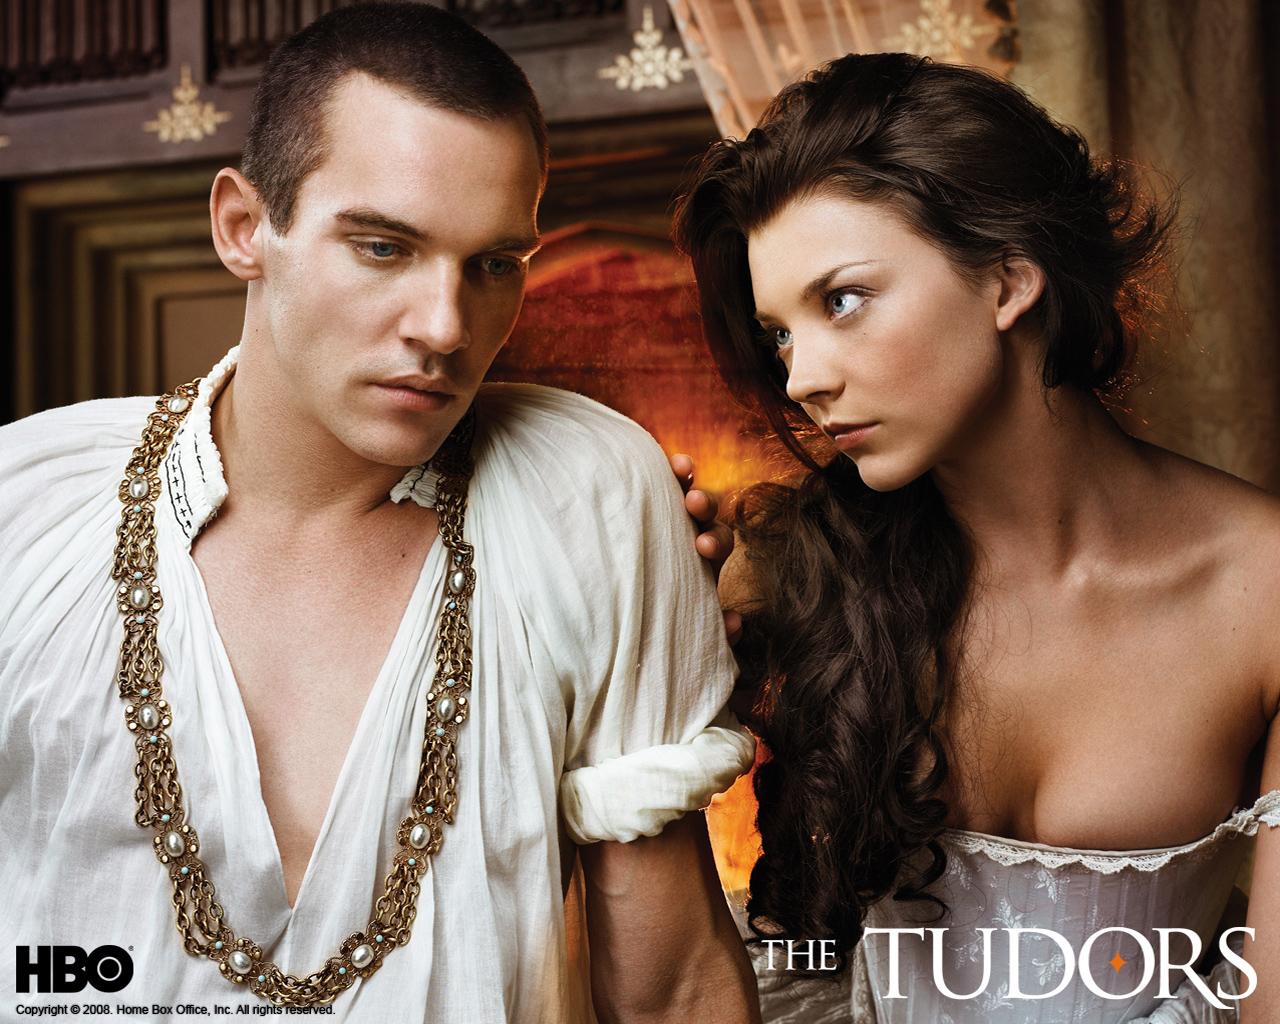 Чтобы посмотреть обою для рабочего стола Тюдоры ( The Tudors ) Фильмы